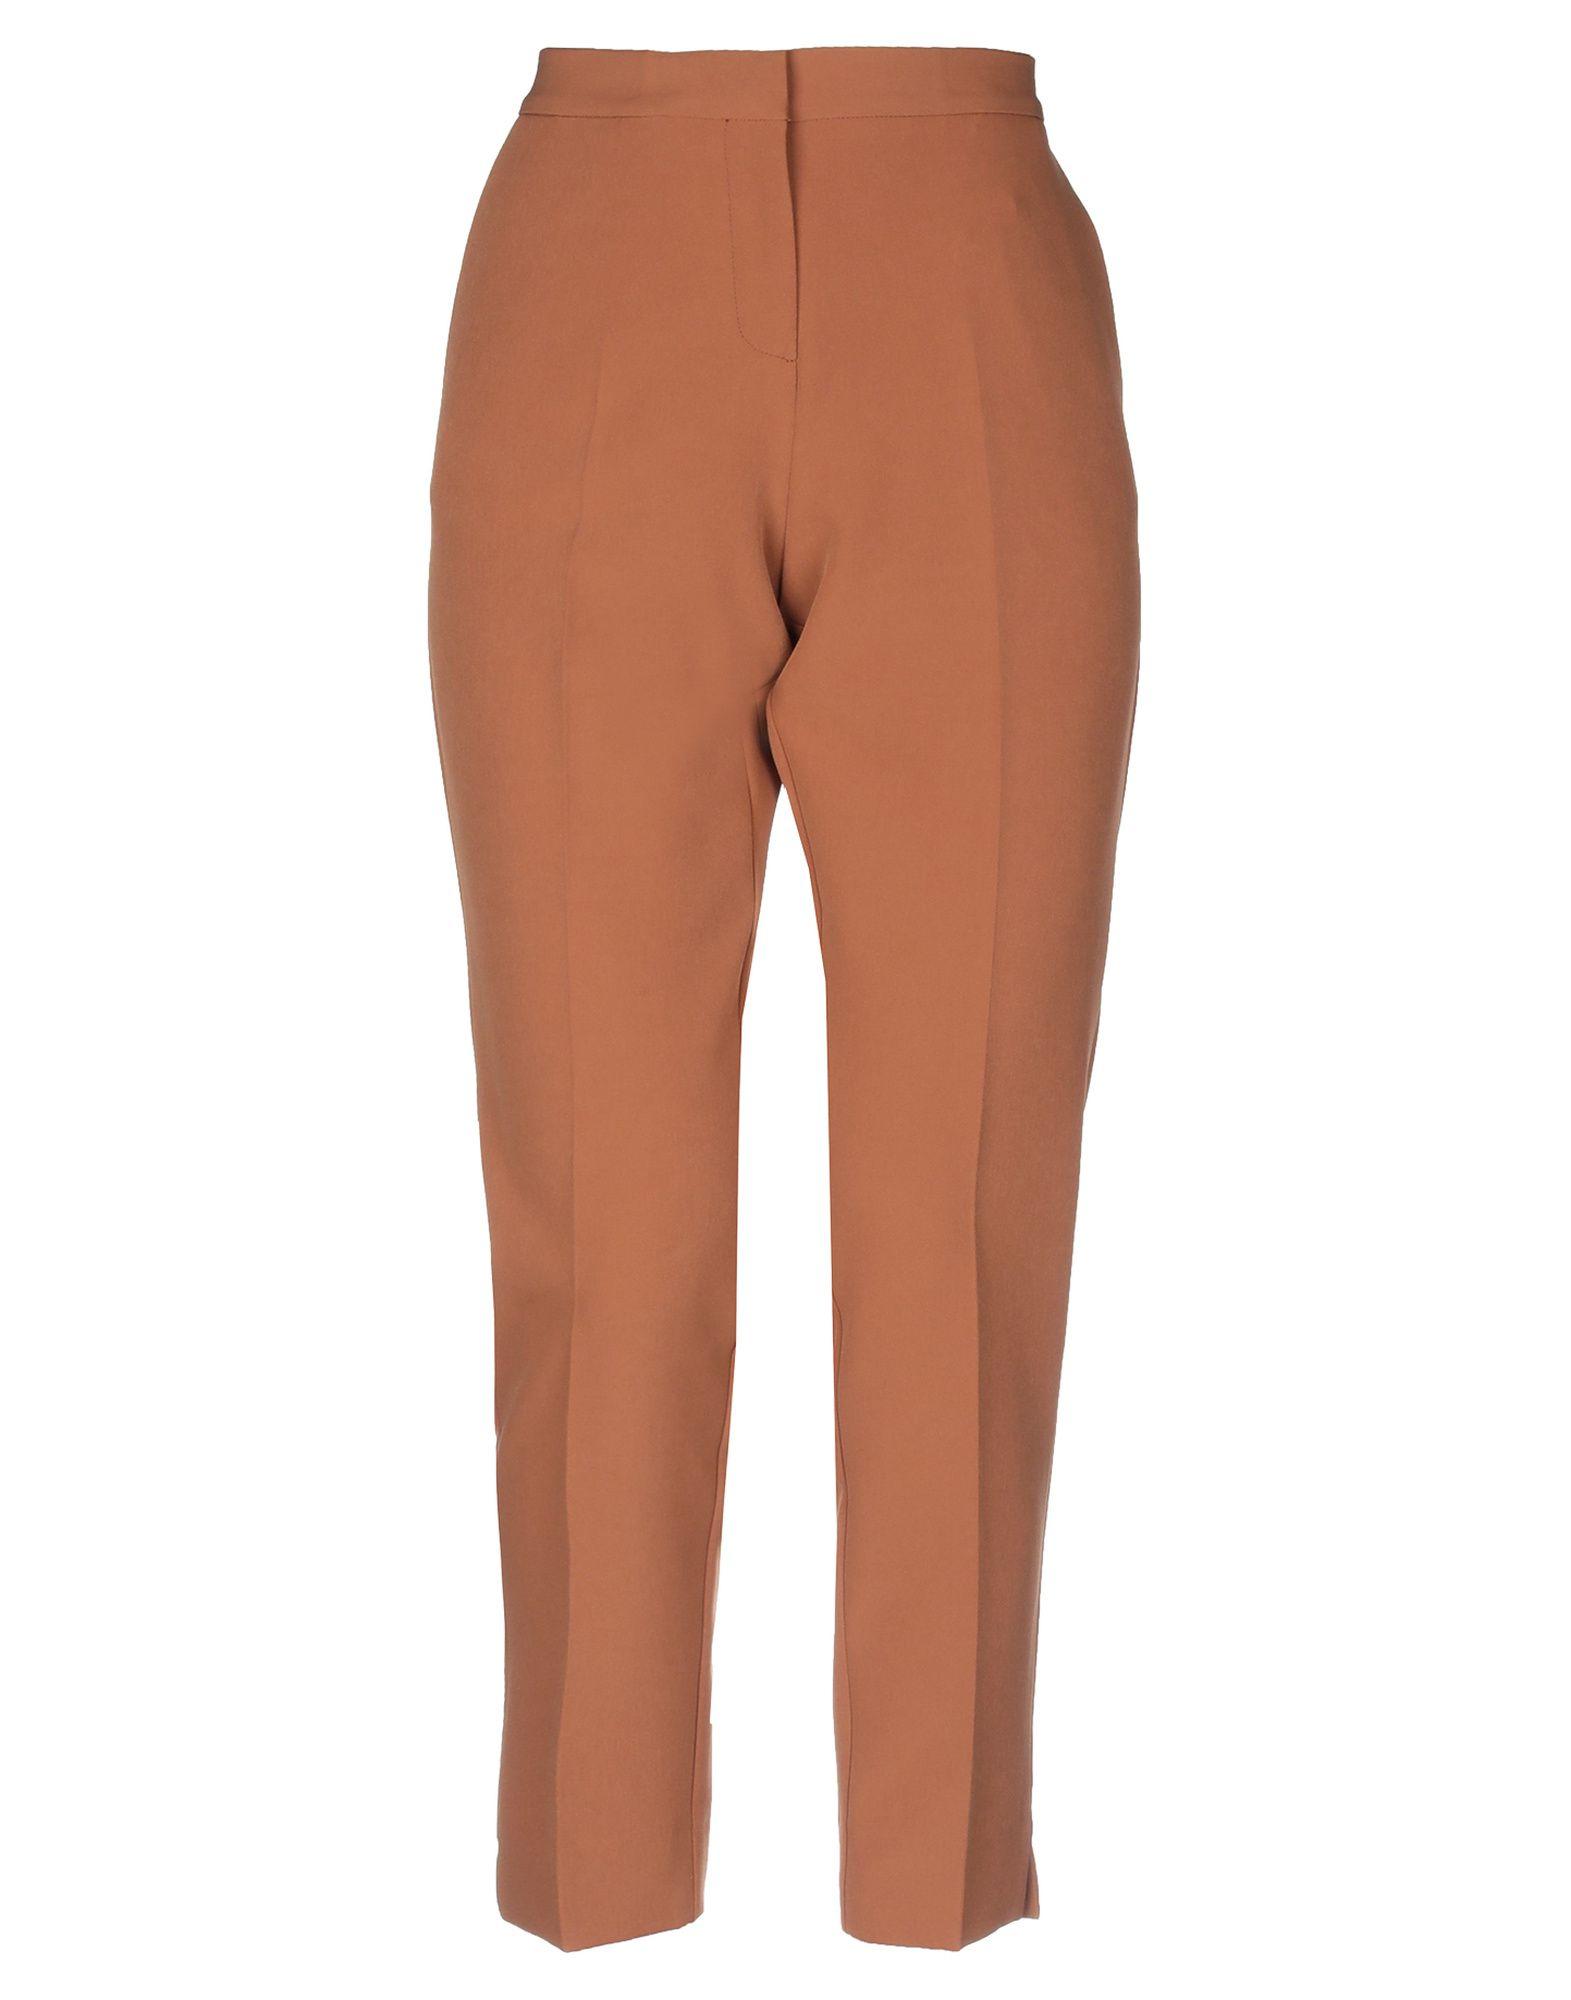 SIMONA CORSELLINI Повседневные брюки simona corsellini футболка